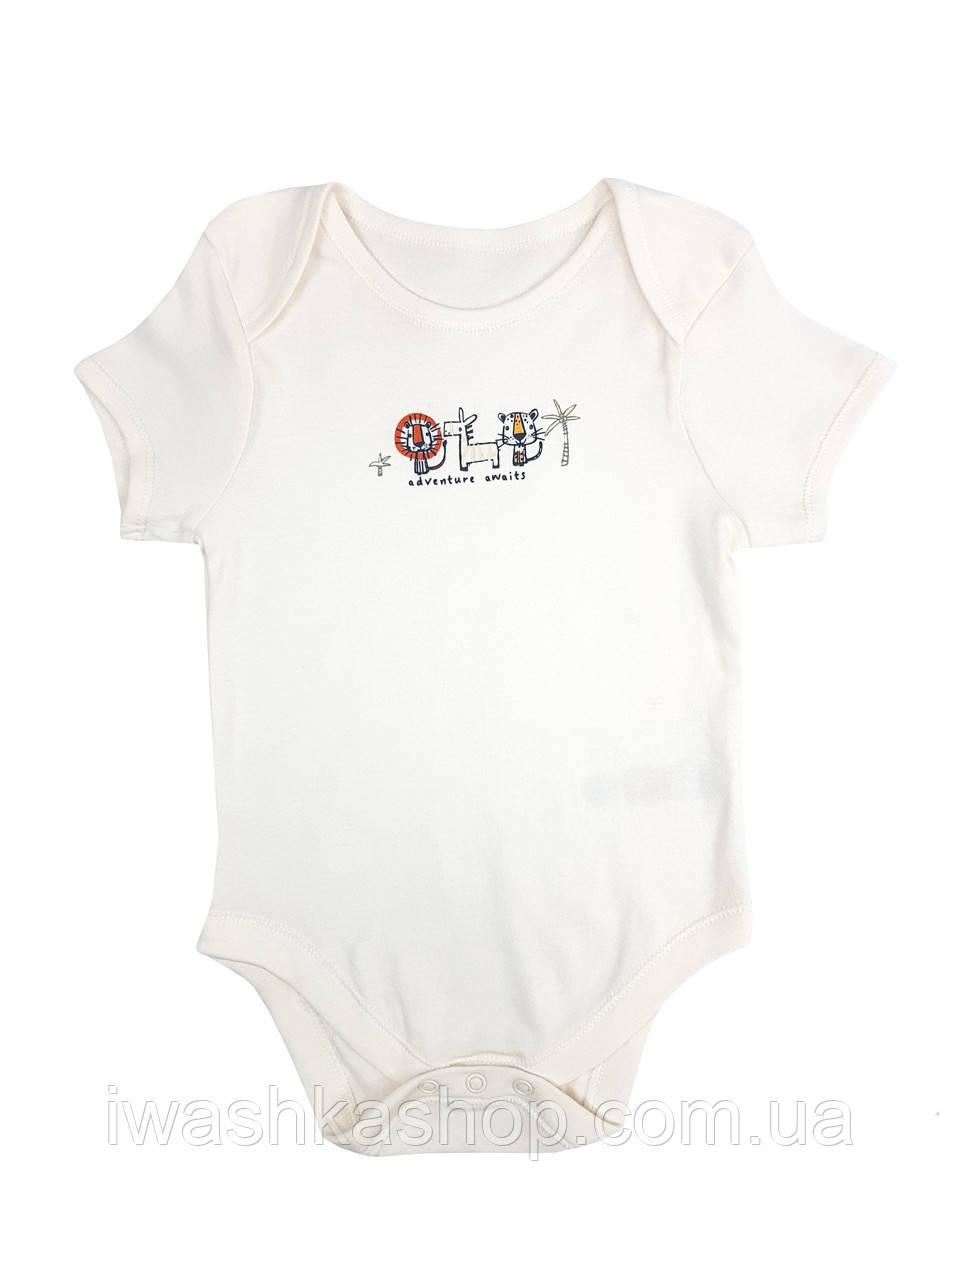 Боди с короткими рукавами молочного цвета с животными для мальчика 1,5 - 2 года, размер 92, Primark baby.